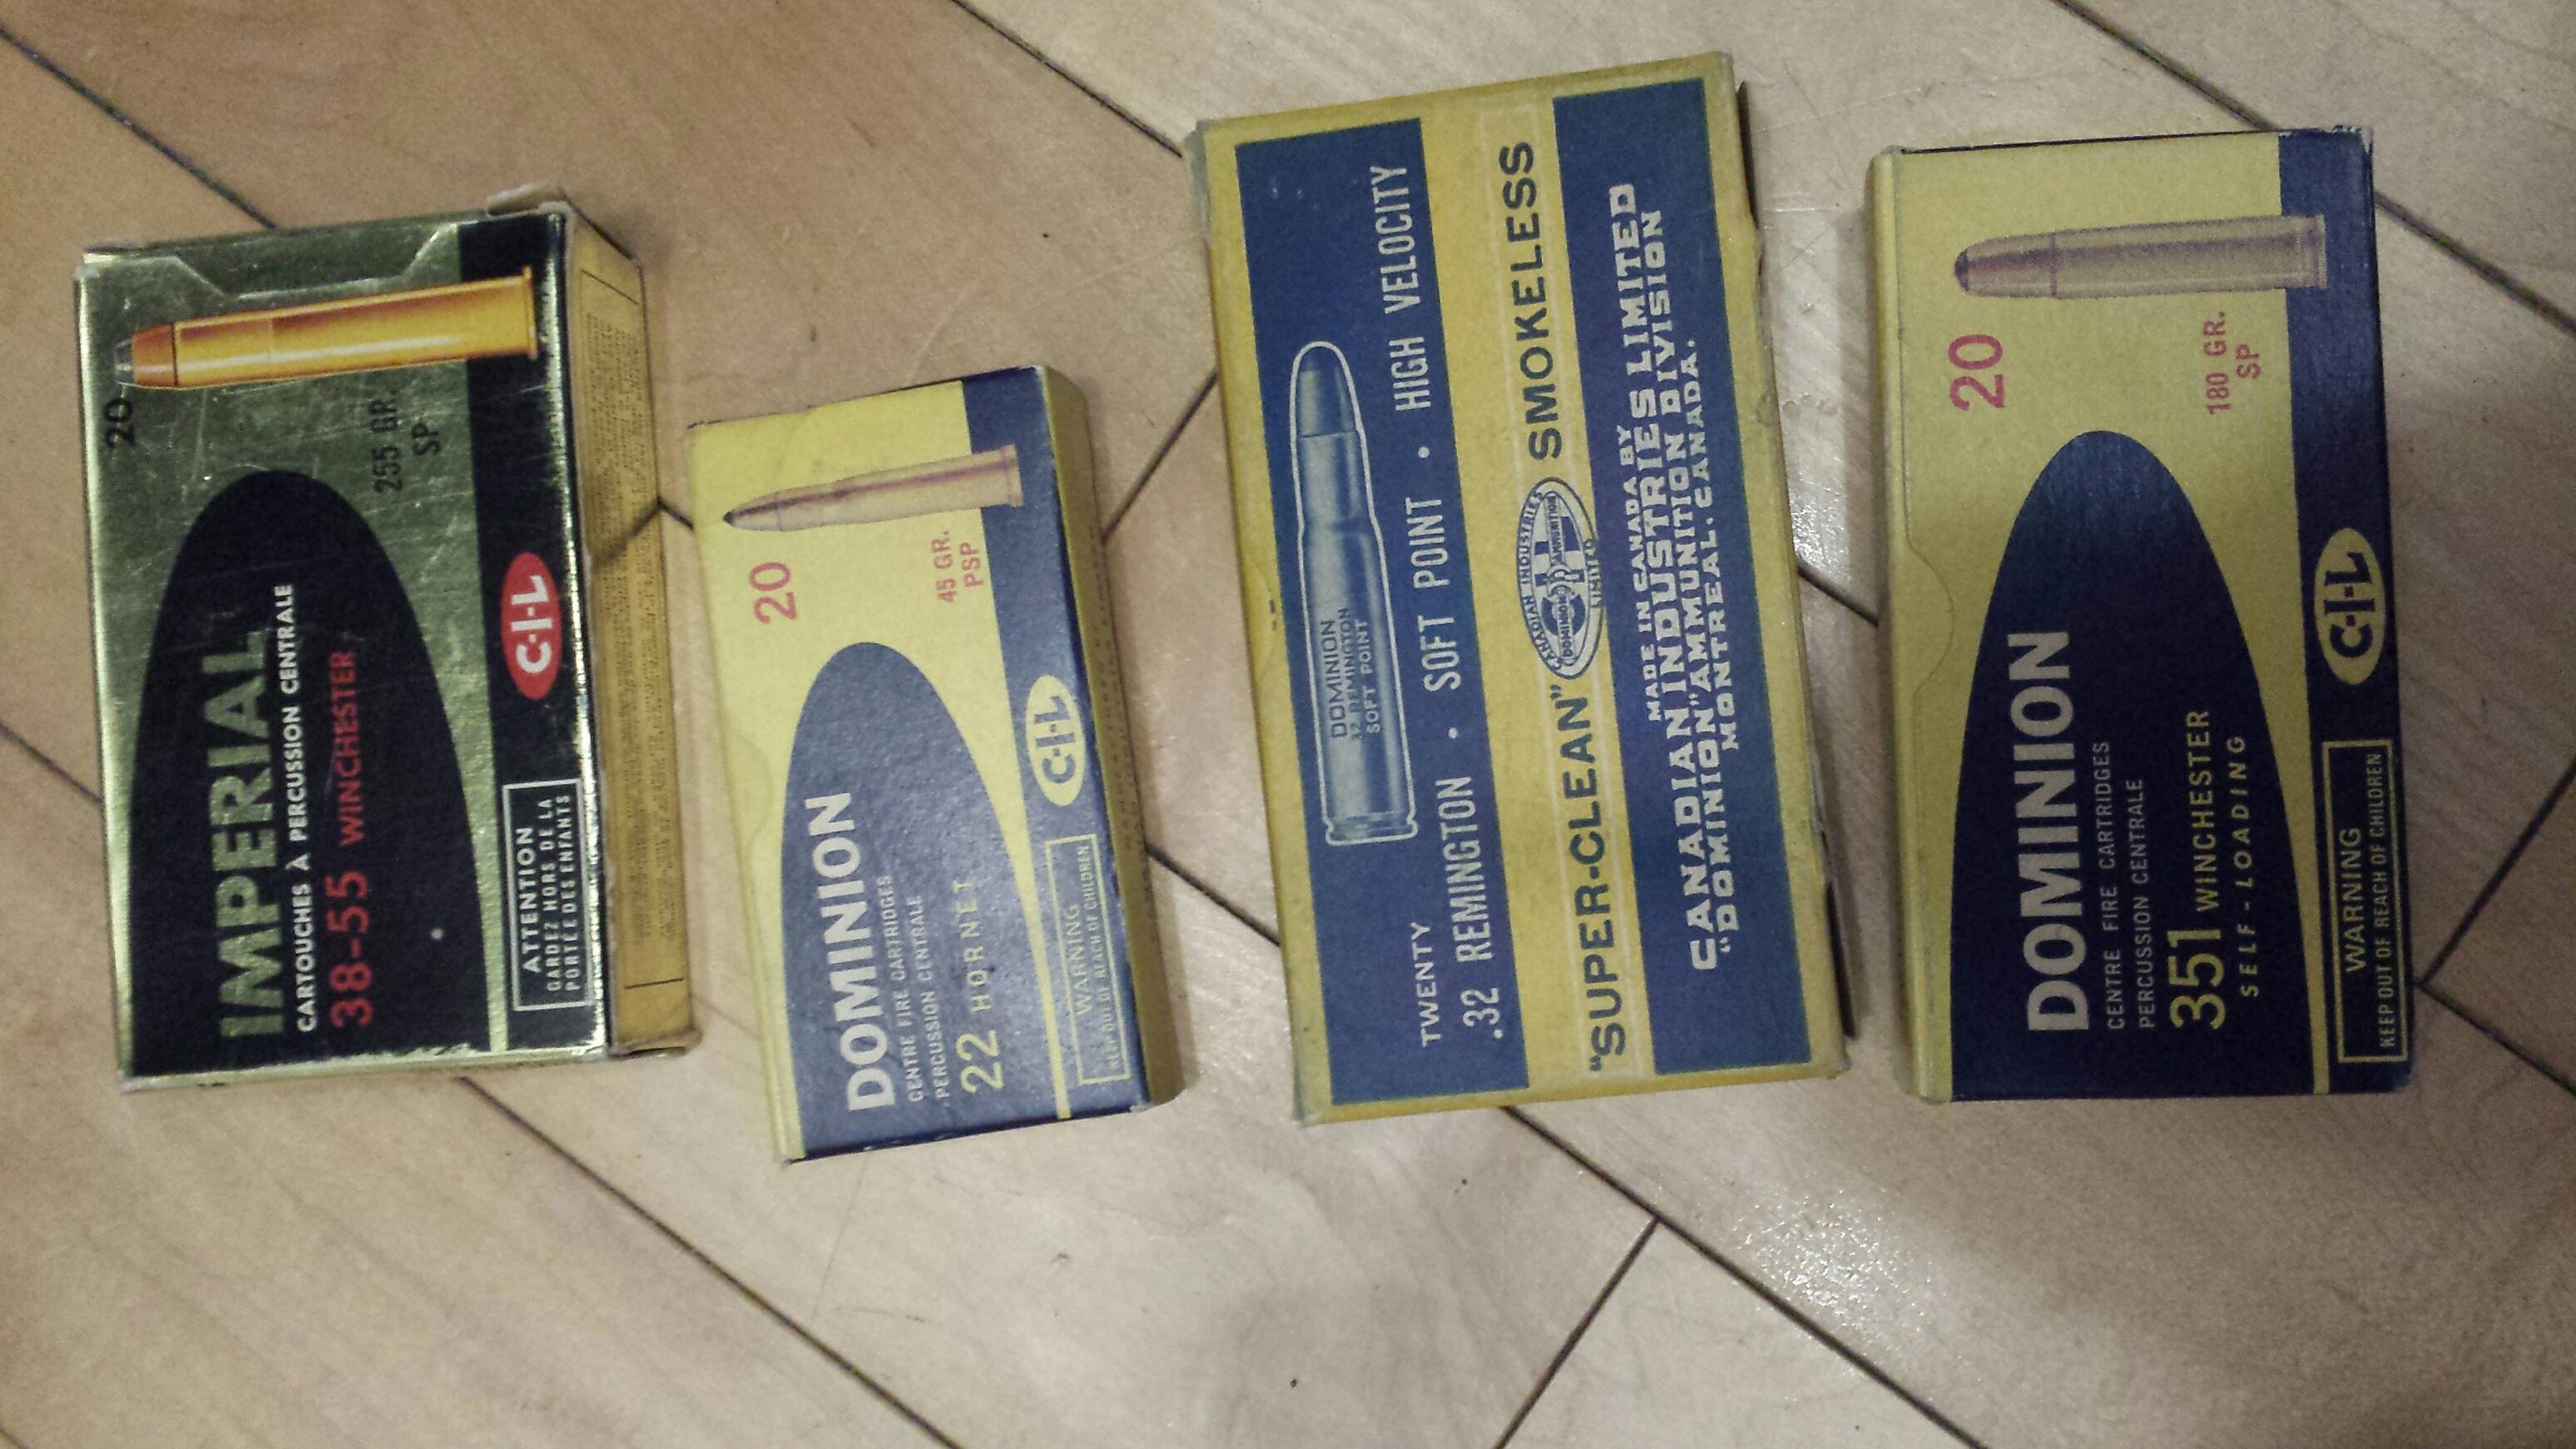 Trouvé une centaine de boites vintages de balles 20190115-203854-resized